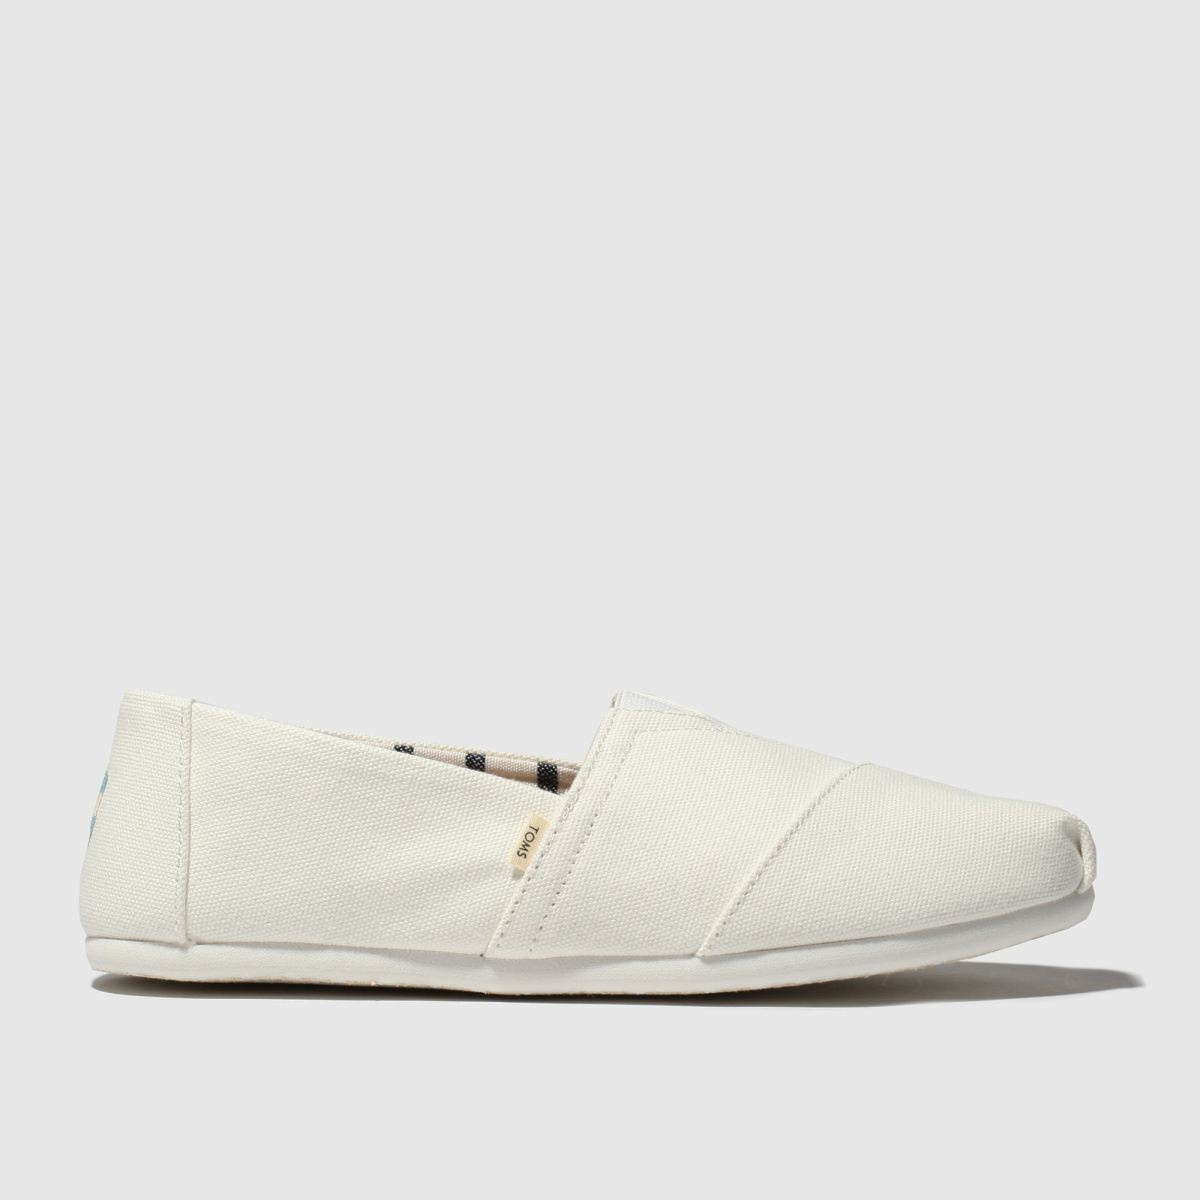 Toms White Alpargata Venice Shoes